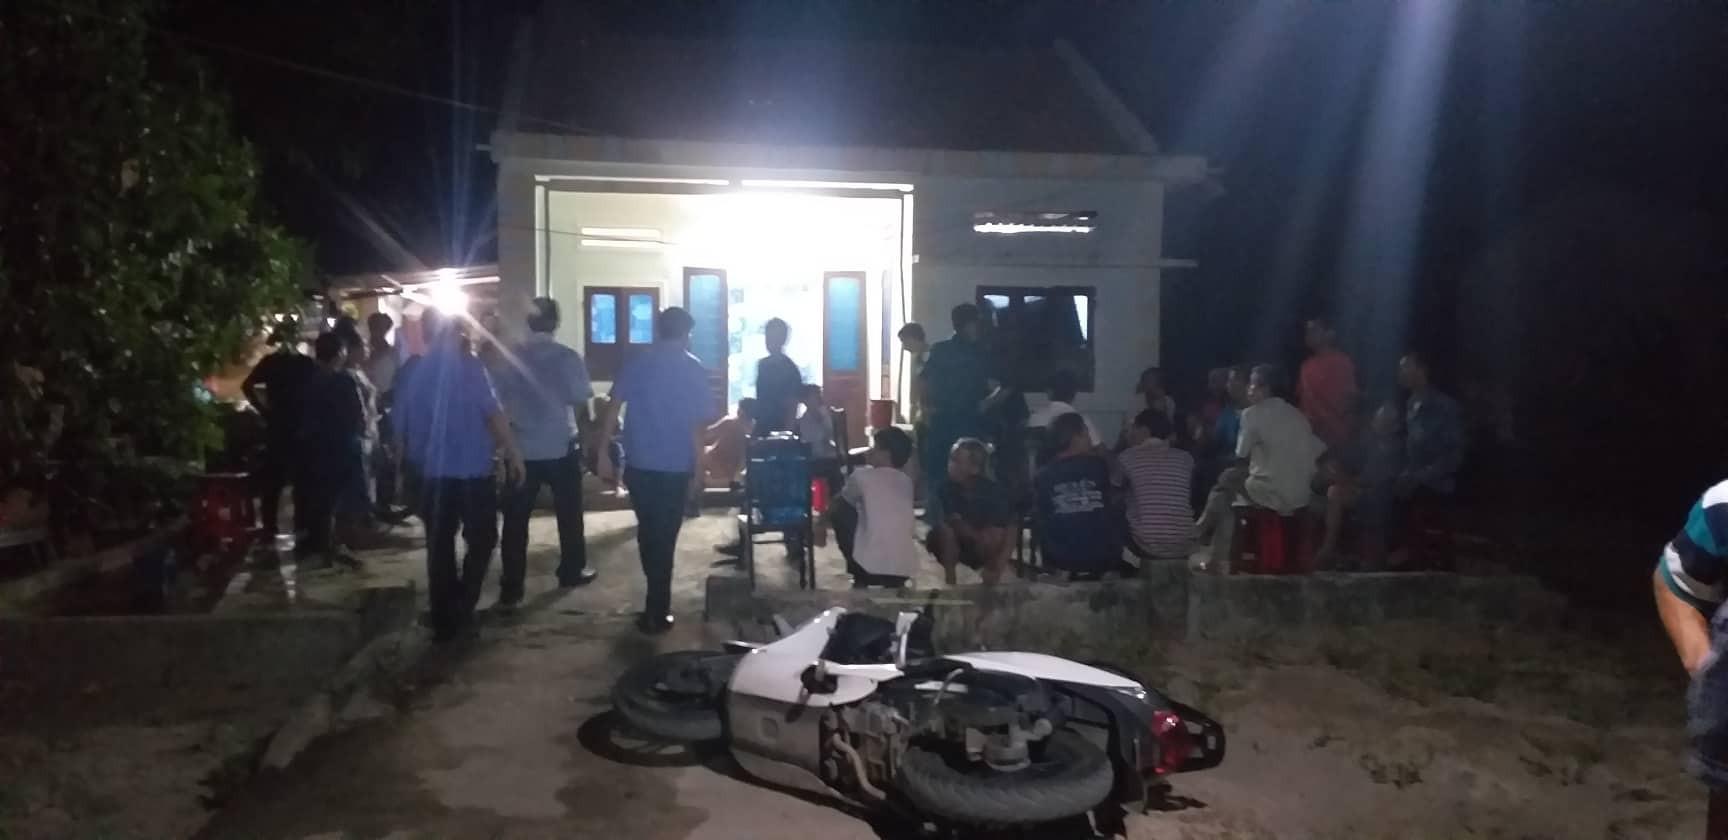 Nóng: Cha tử vong, 2 con nguy kịch vì bị nhóm thanh niên đến tận nhà truy sát kinh hoàng - Ảnh 1